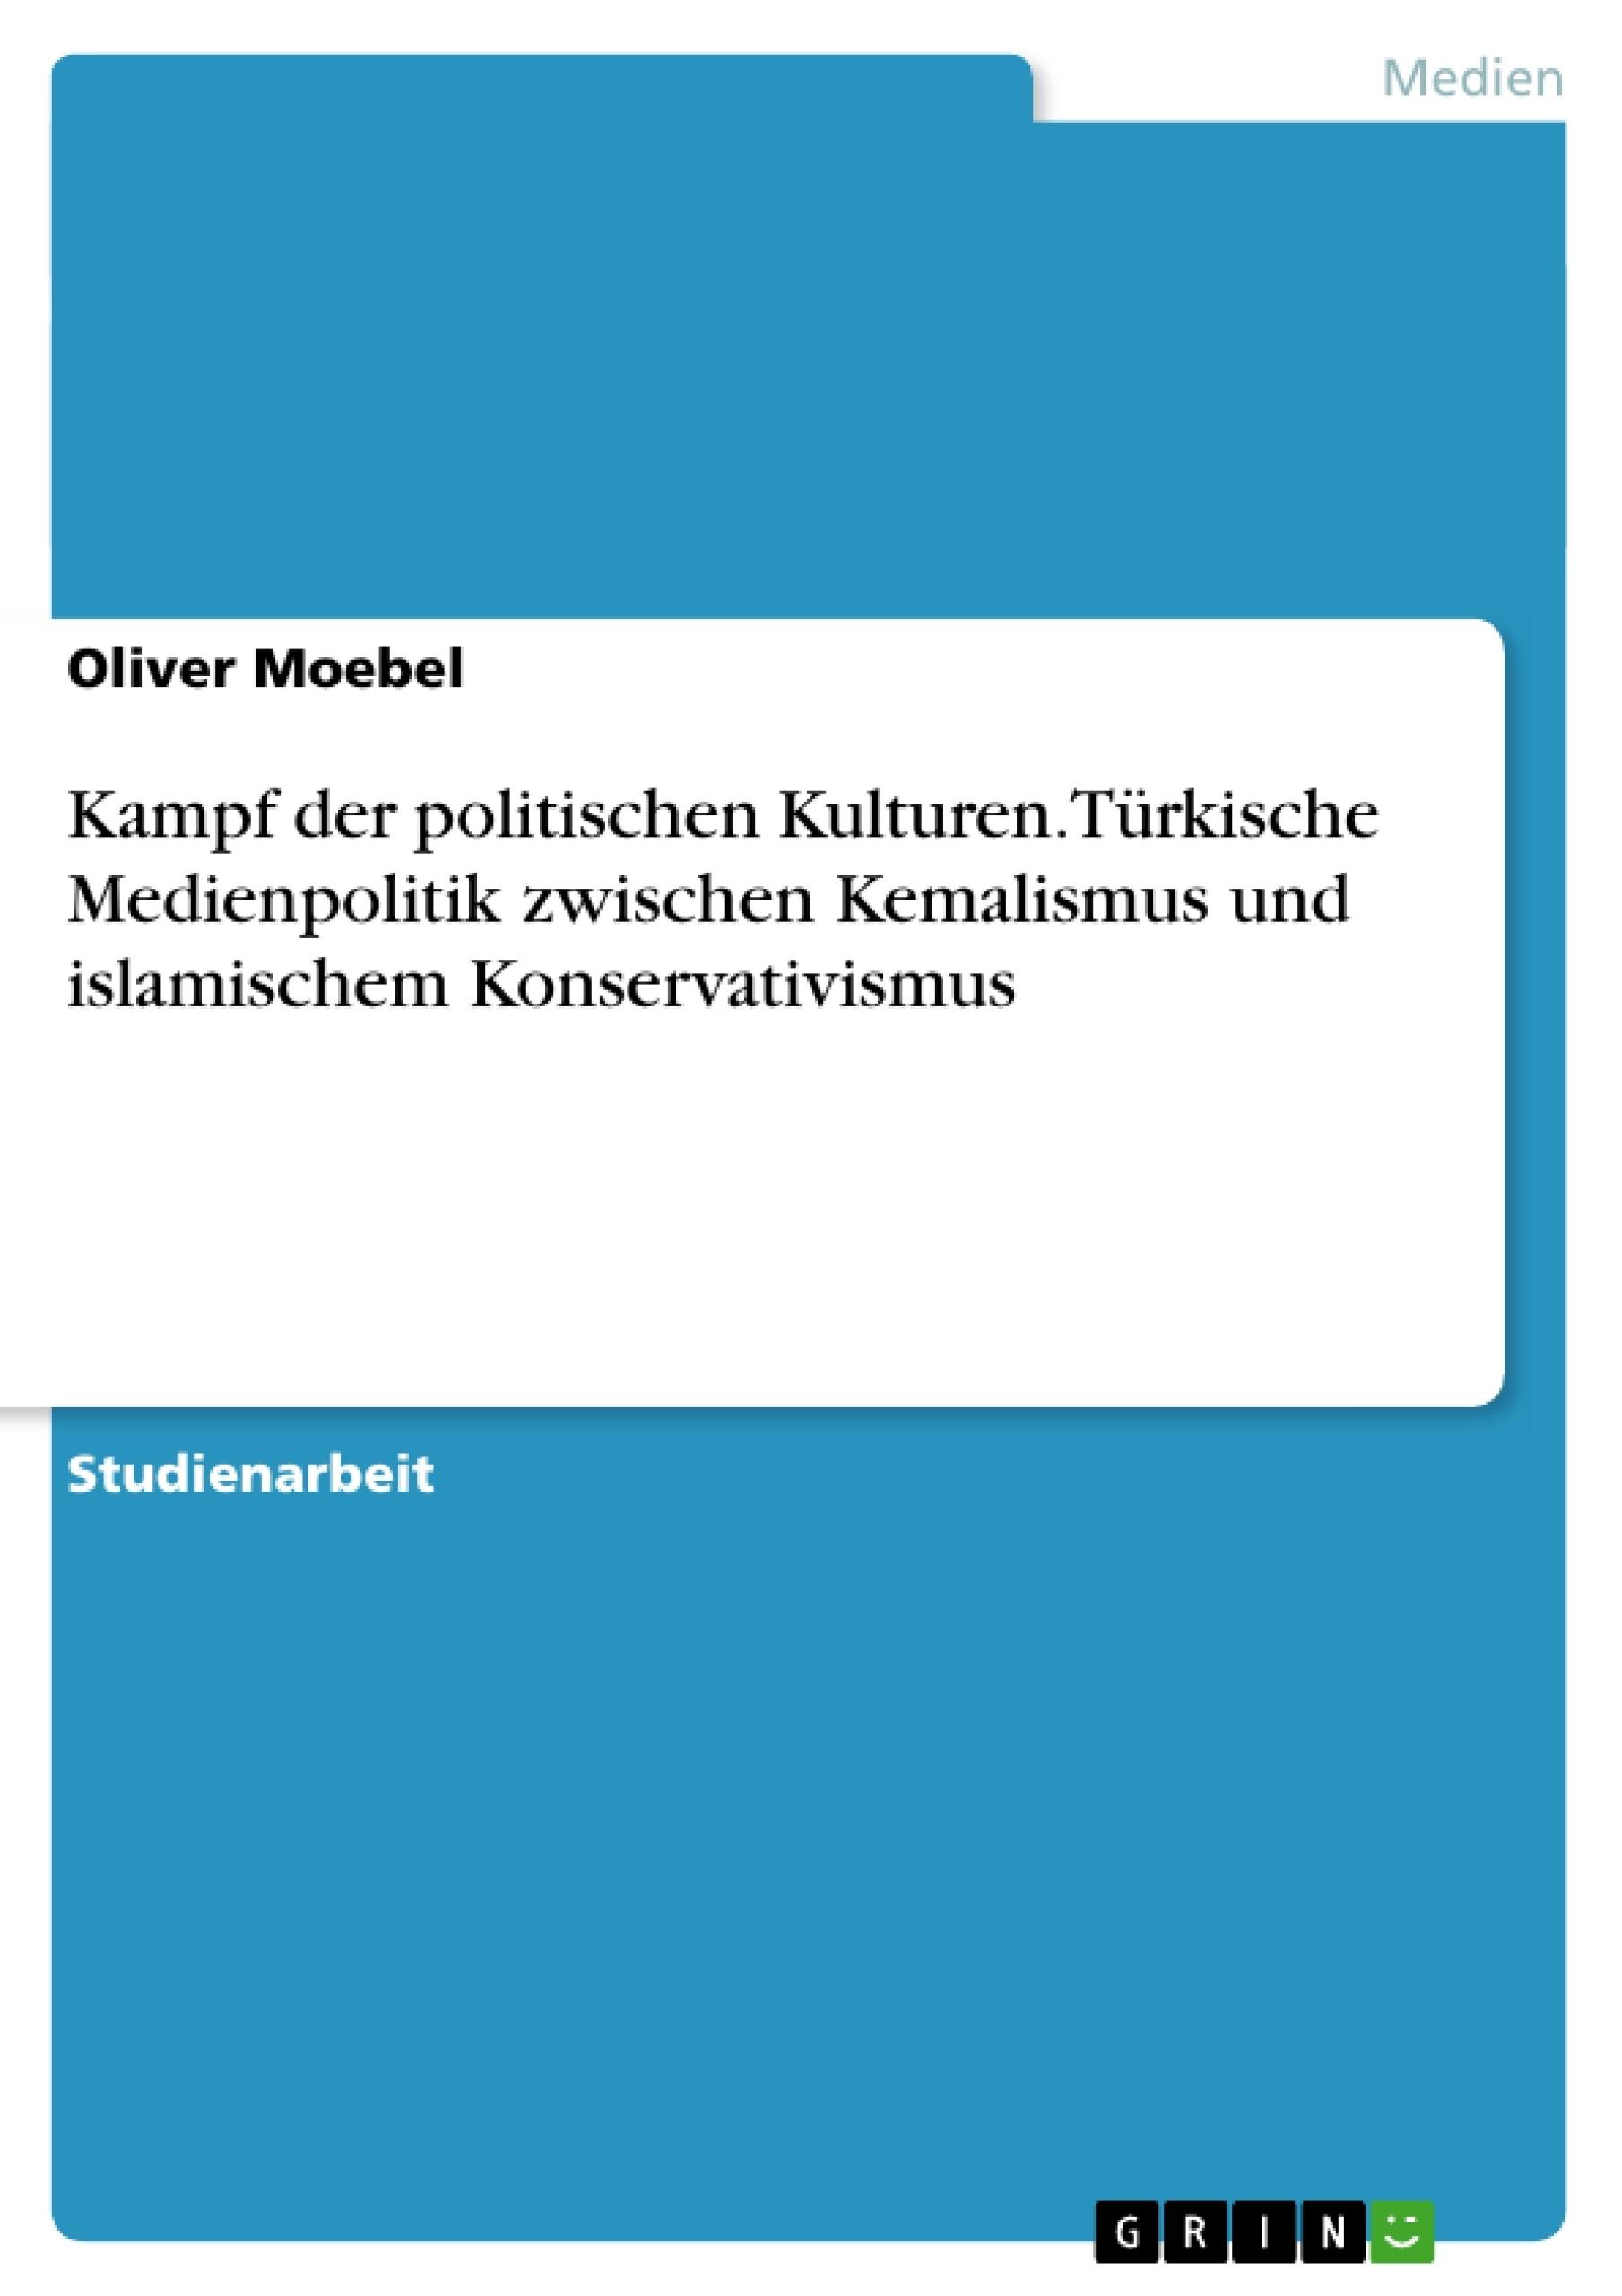 Titel: Kampf der politischen Kulturen. Türkische Medienpolitik zwischen Kemalismus und islamischem Konservativismus